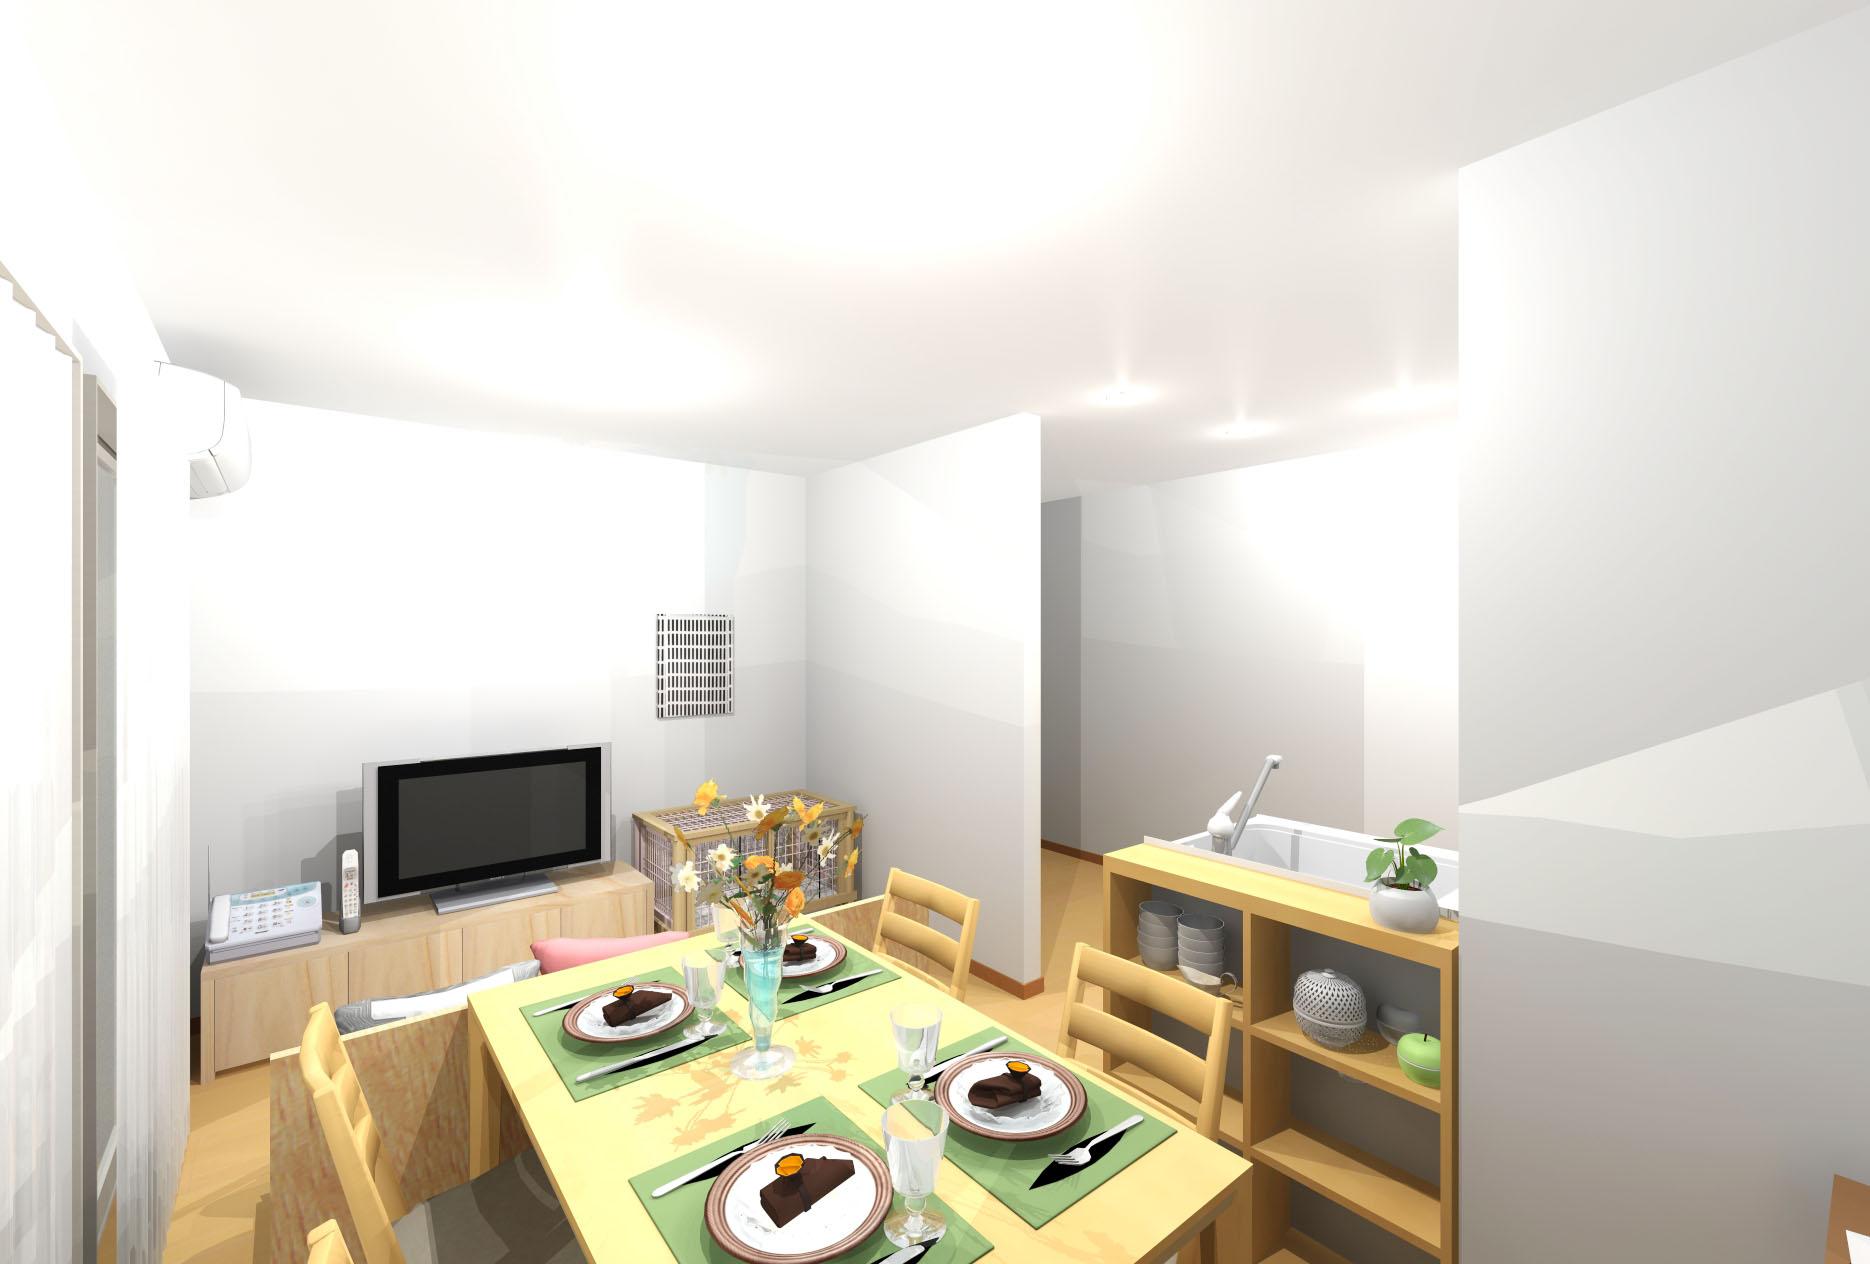 家族が思い思いに過ごせる快適コンパクトリビング。 北欧ナチュラルにモダンテイストを入れ、温かみと洗練が同居する空間。